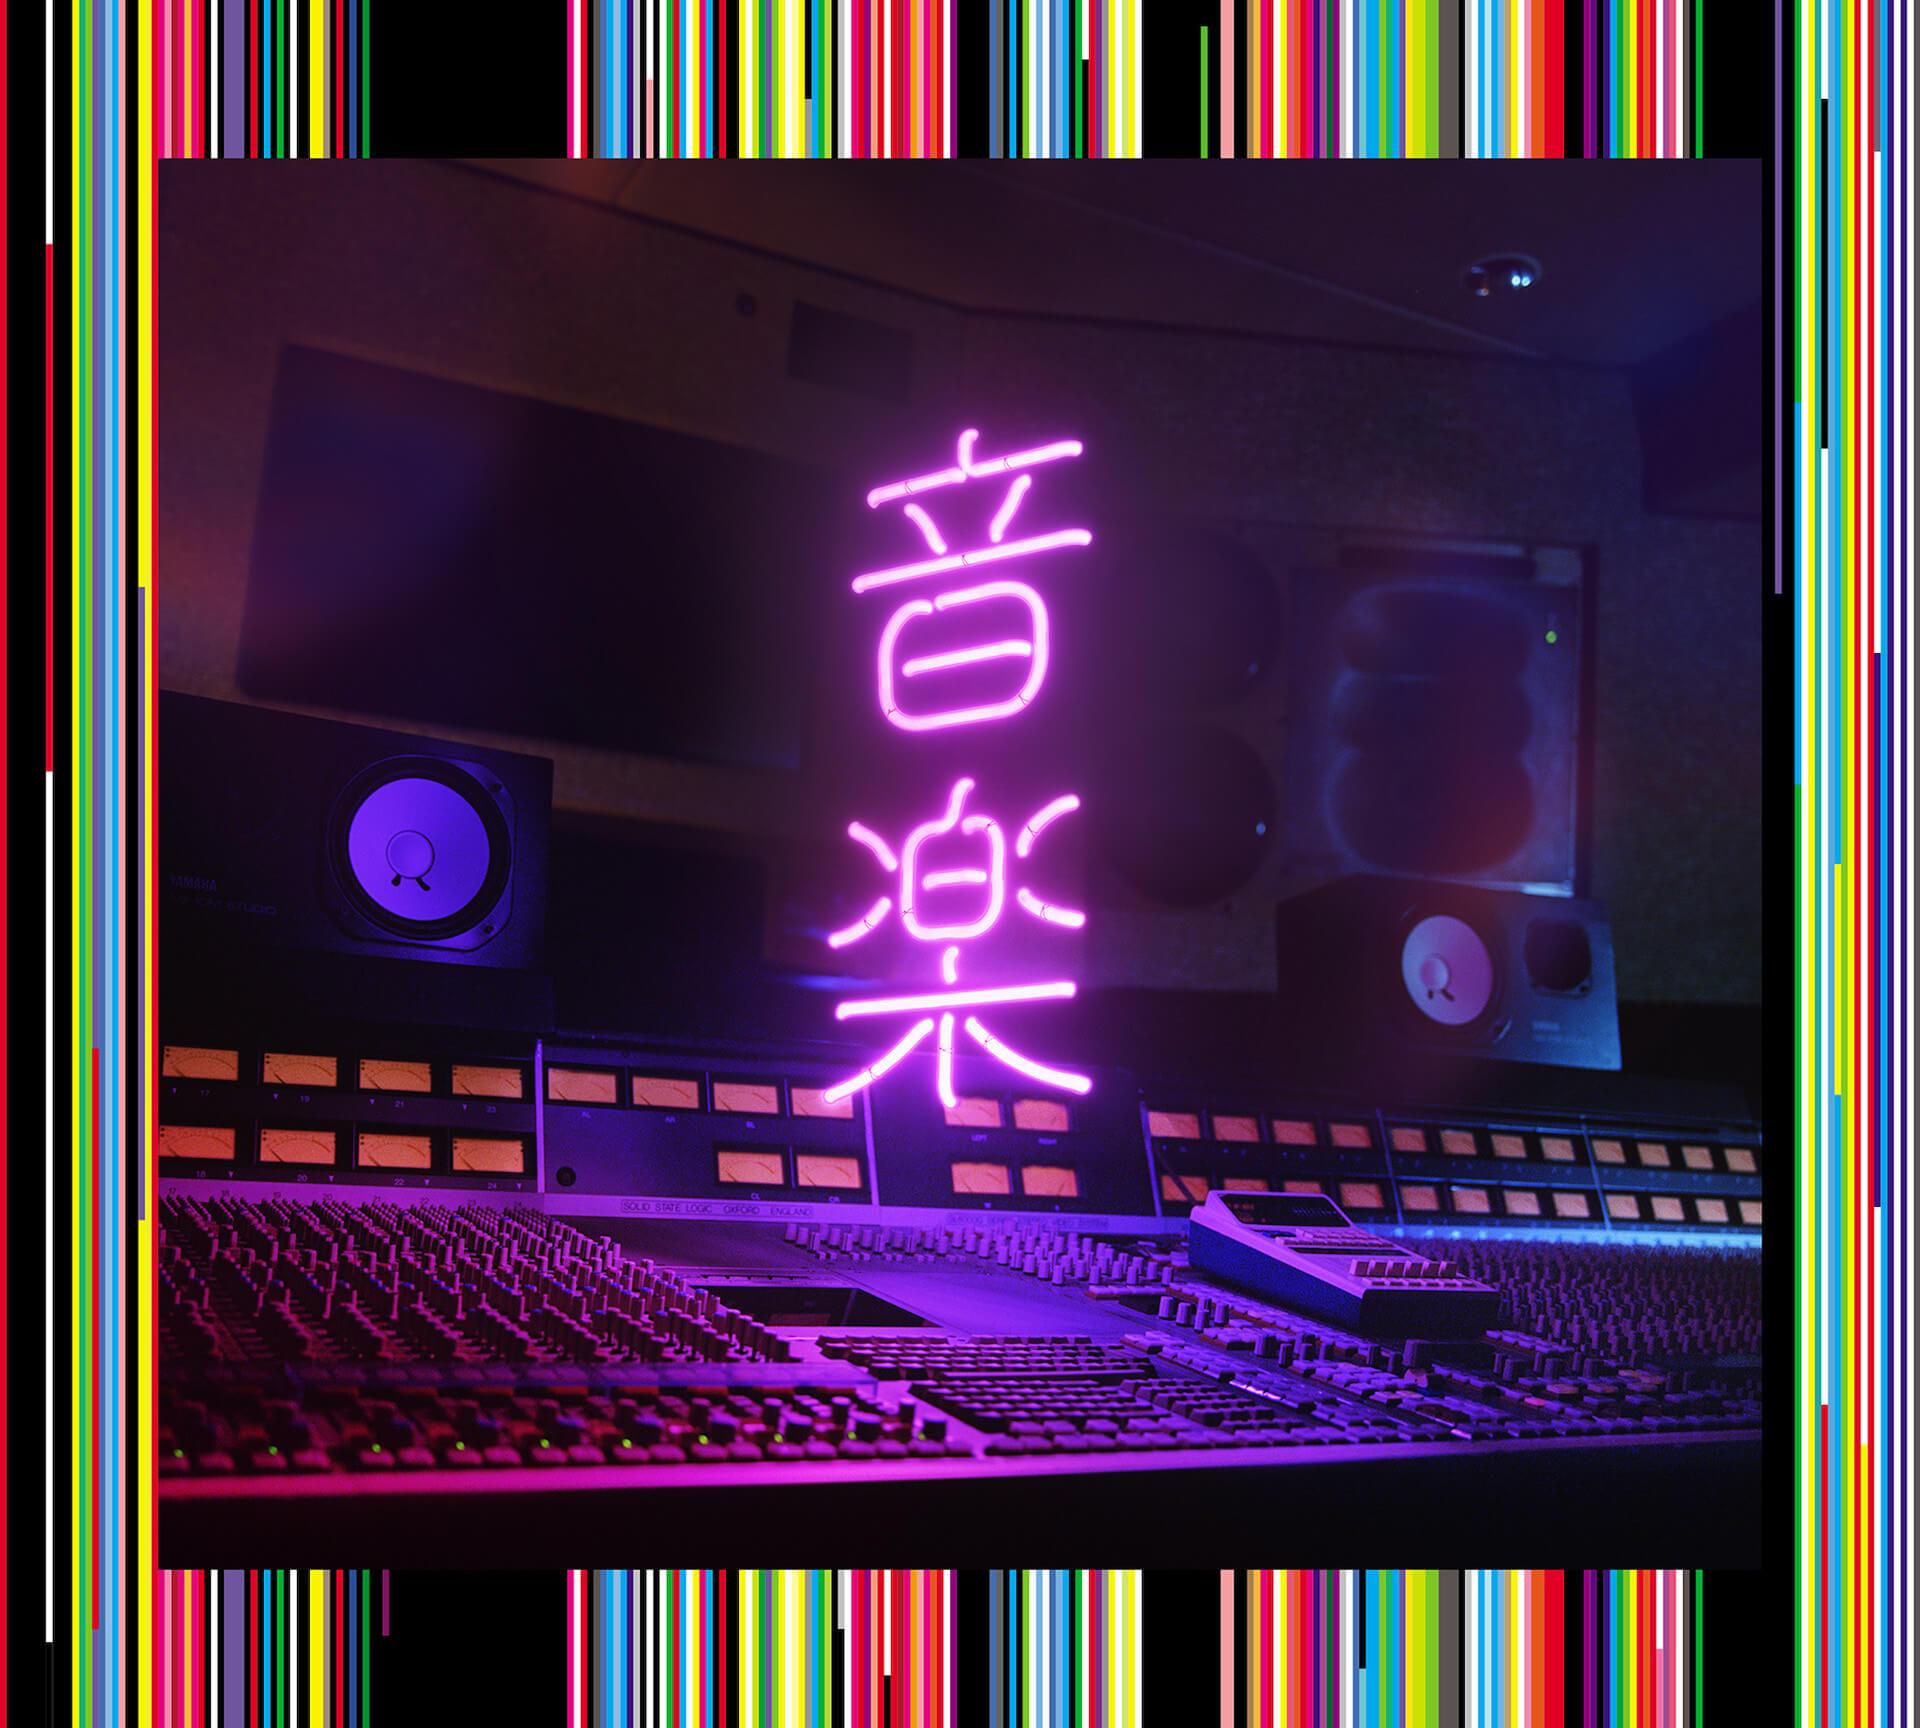 """東京事変がNHK『MUSIC SPECIAL』に出演決定!劇場版コナン主題歌""""永遠の不在証明""""など4曲をフルサイズでパフォーマンス music210531_tokyoincident_2"""